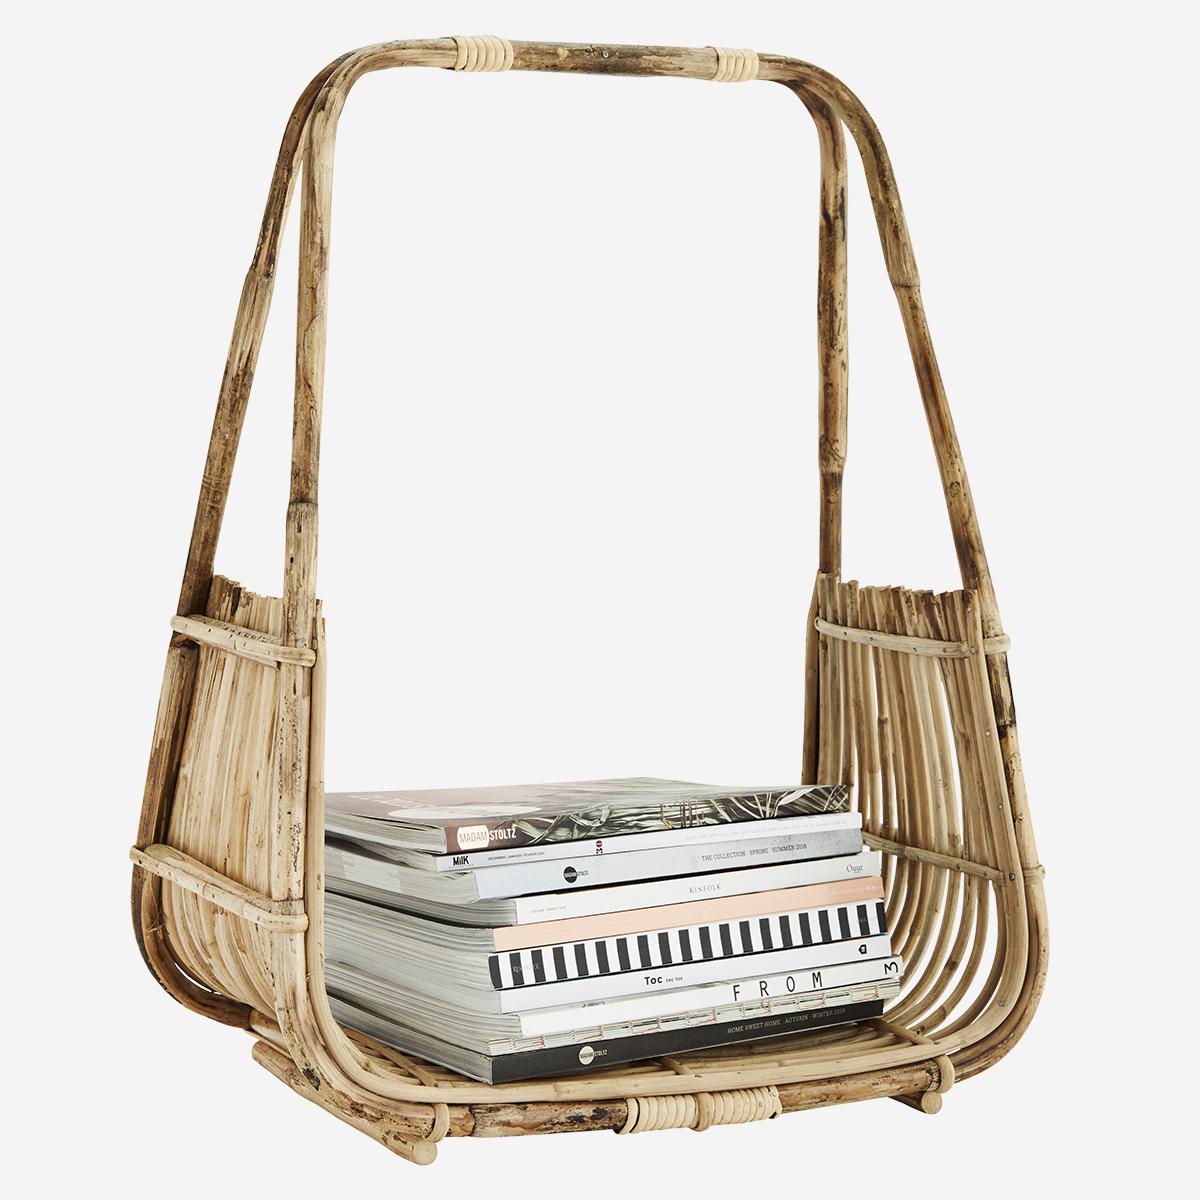 Panier ouvert porte-bûches ou porte-journaux en bambou * Madam Stoltz